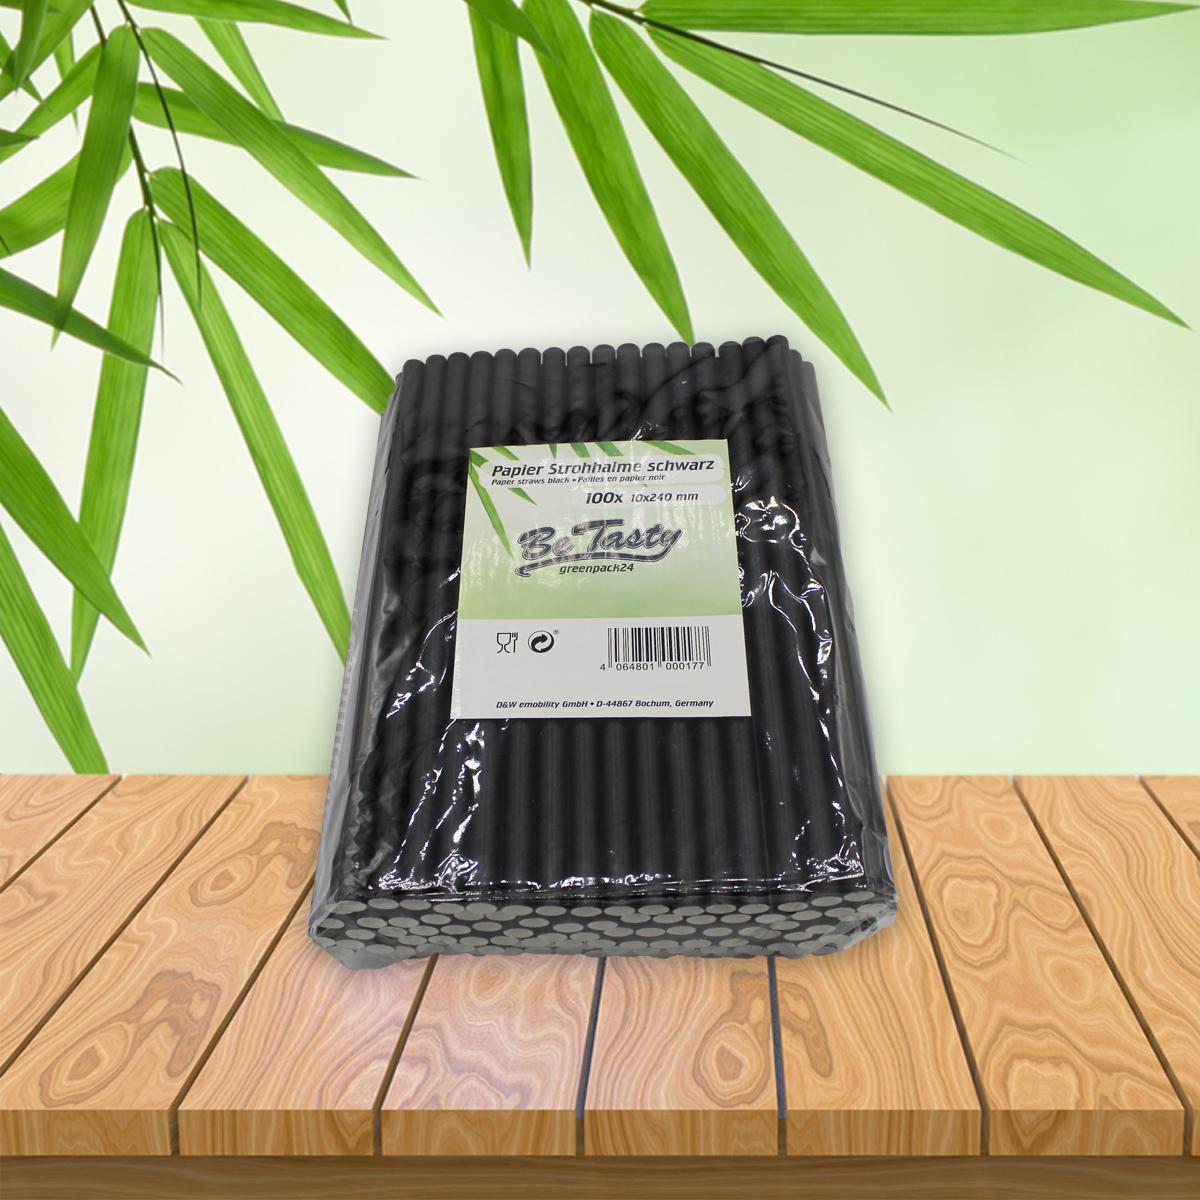 Be Tasty Papiertrinkhalme Schwarz  10x240mm 100 Stück